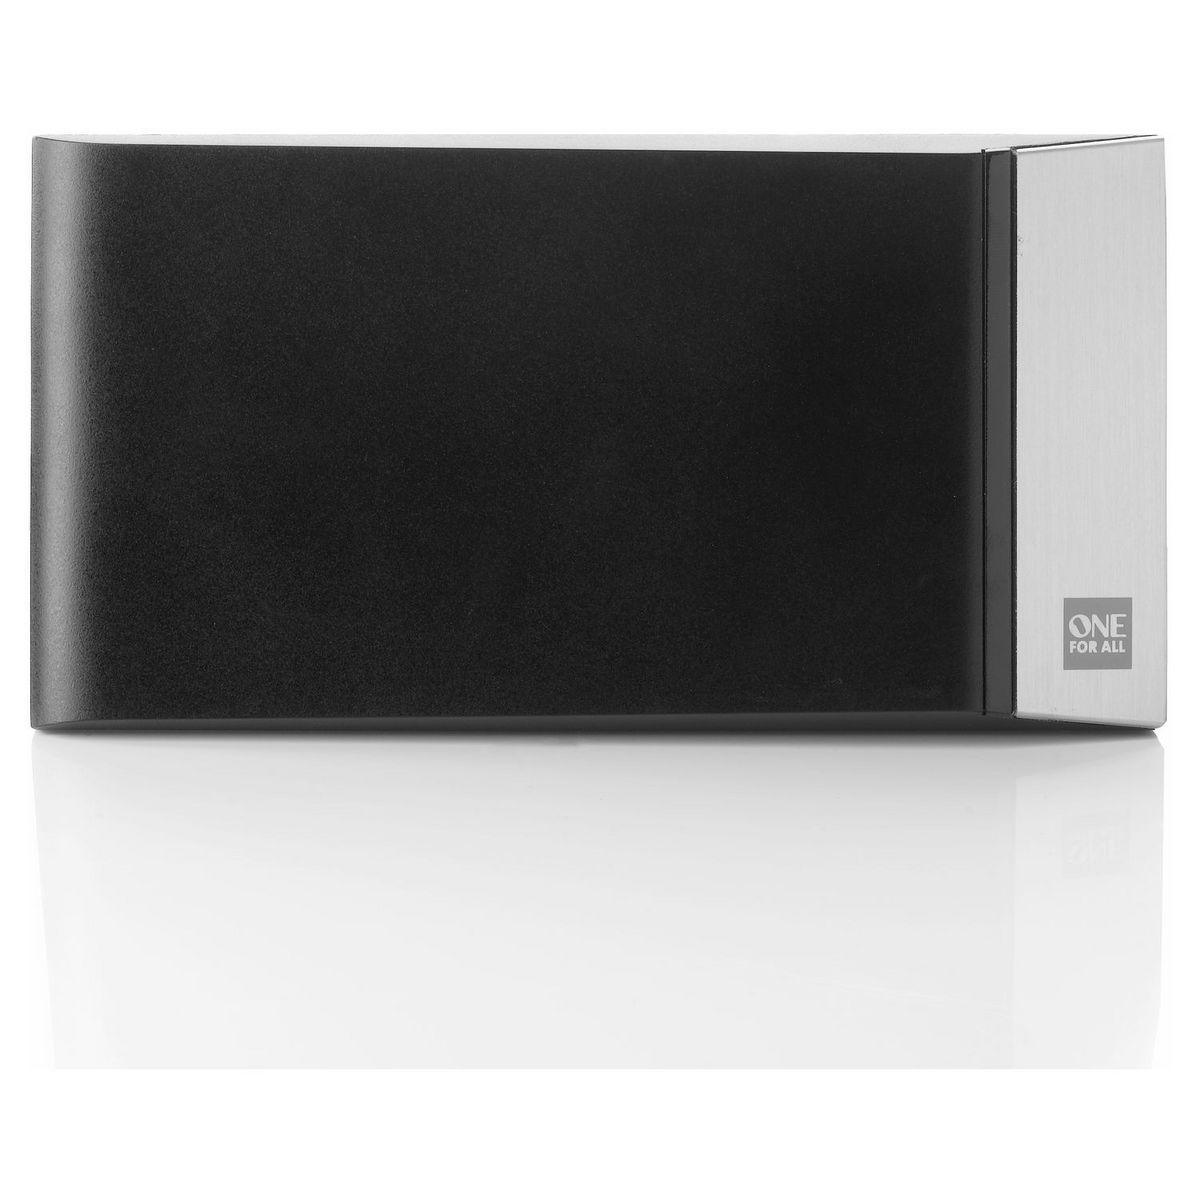 Antenne TV d'intérieur - Noir/Silver - SV 9335